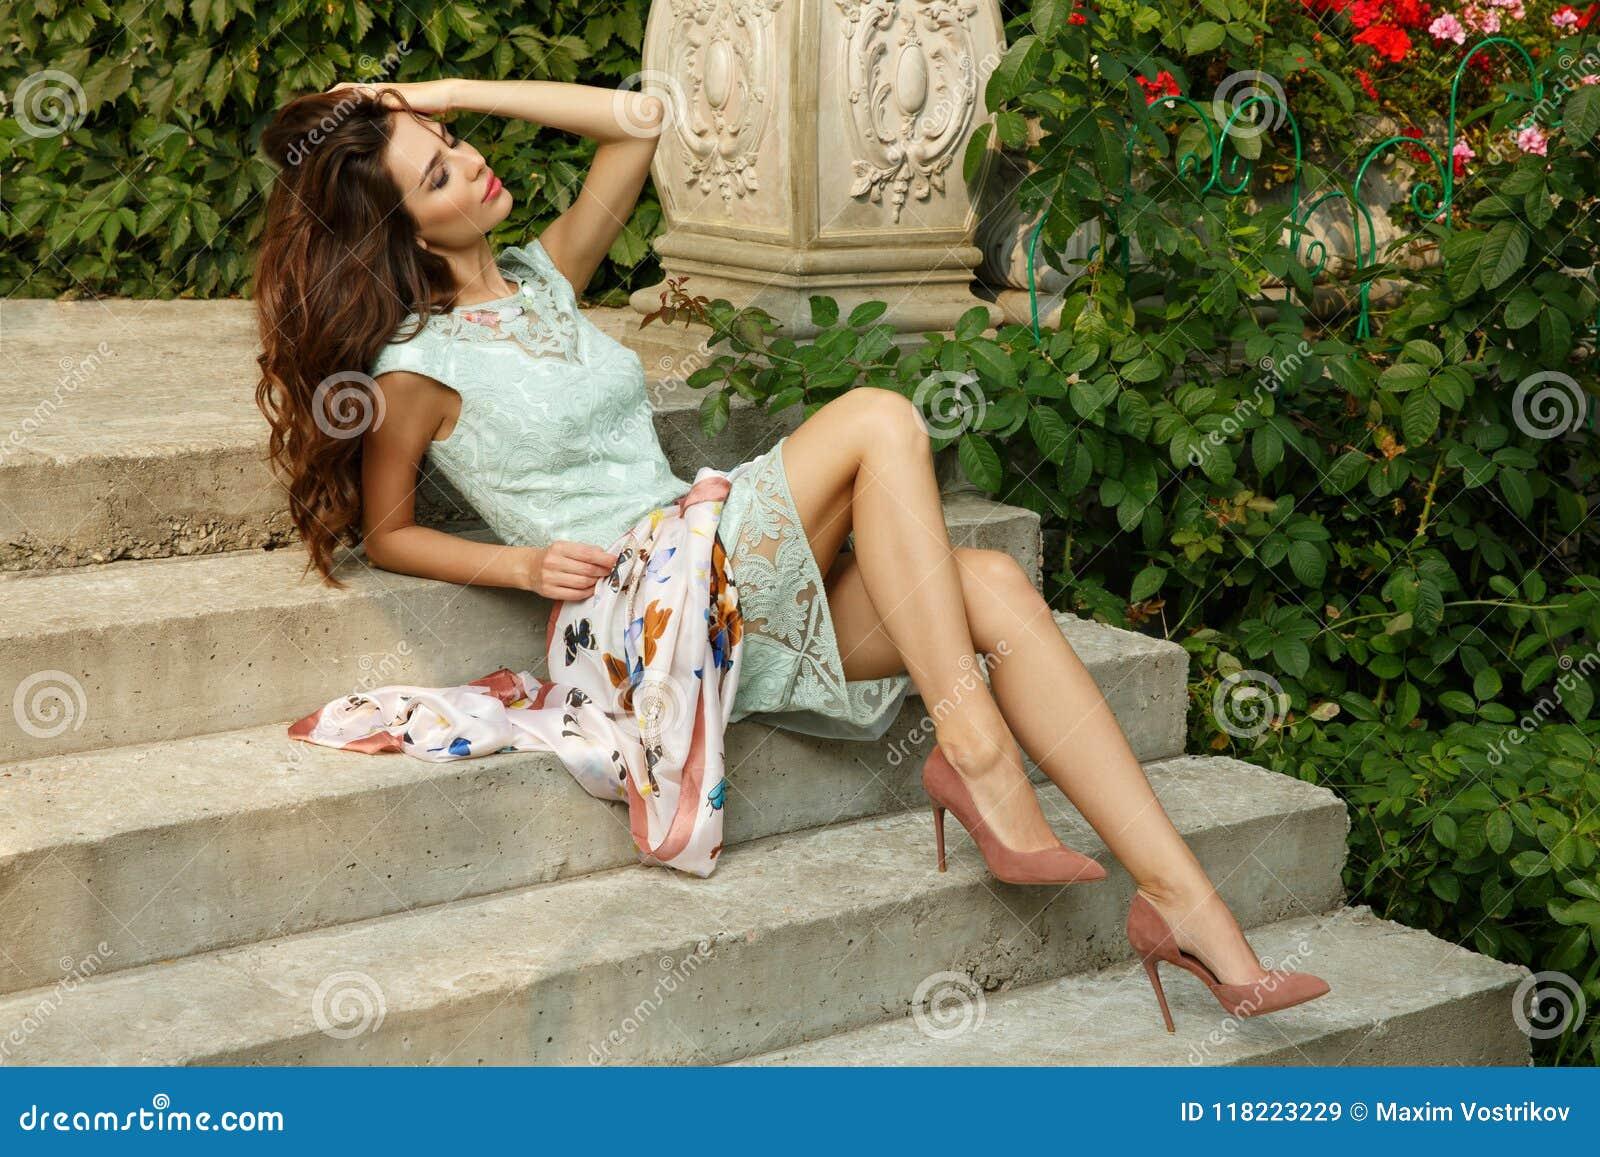 Jeune la dame élégante, exquise et élégante pose sur des escaliers du beau domaine